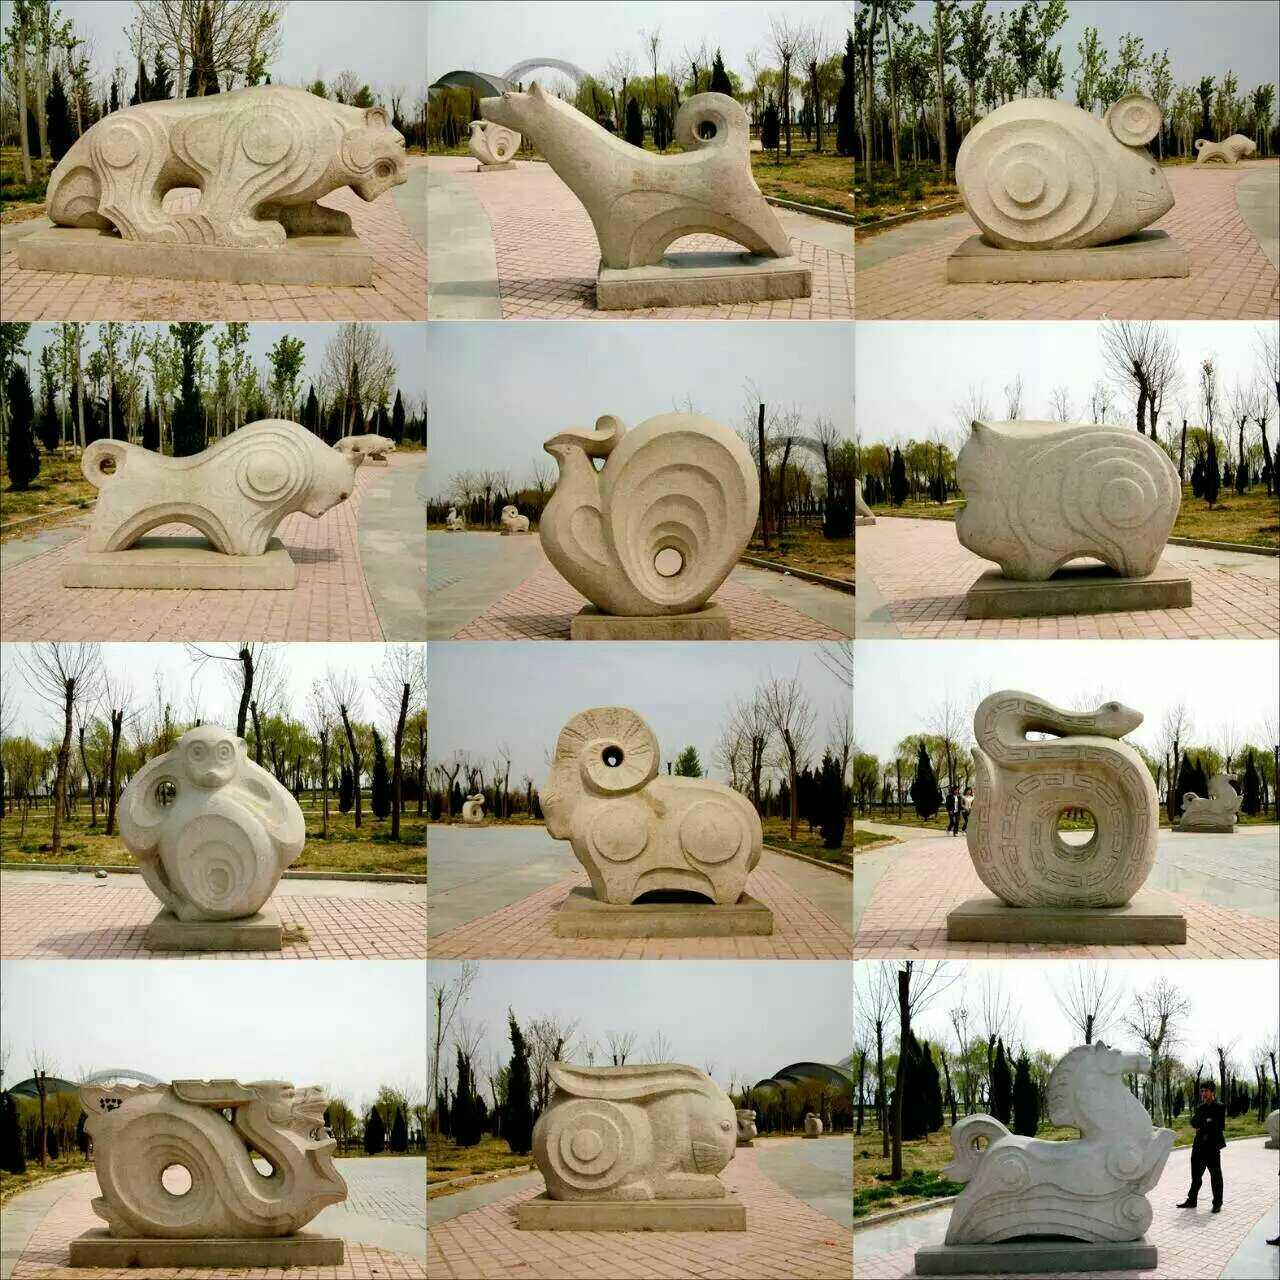 Камень модельывать двенадцать символов китайского зодиака камень двенадцать символов китайского зодиака песня солнце резьба двенадцать символов китайского зодиака камень двенадцать символов китайского зодиака